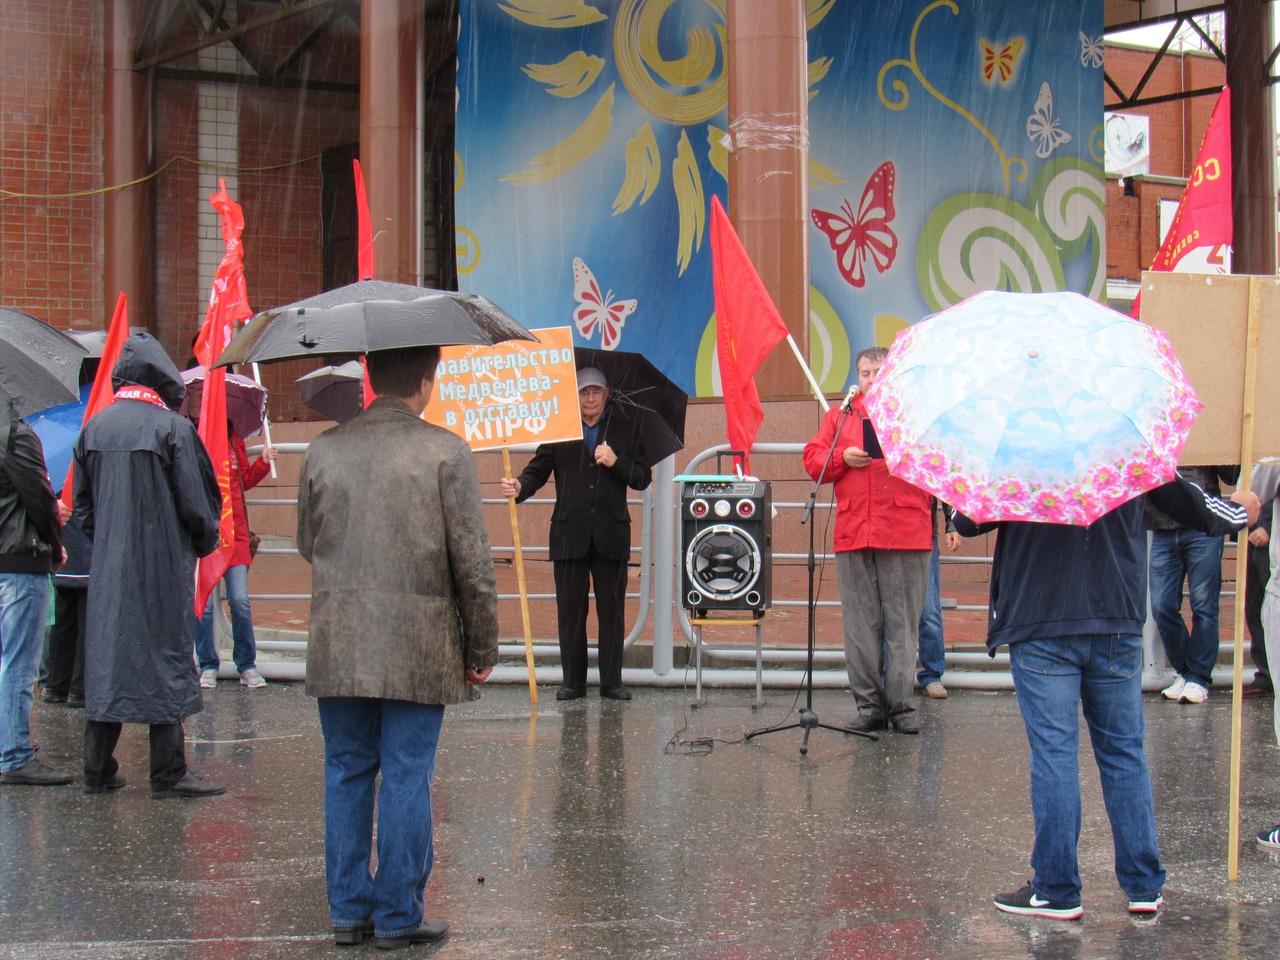 В Новом Уренгое прошел митинг против повышения пенсионного возраста. Не обошлось без задержания организатора